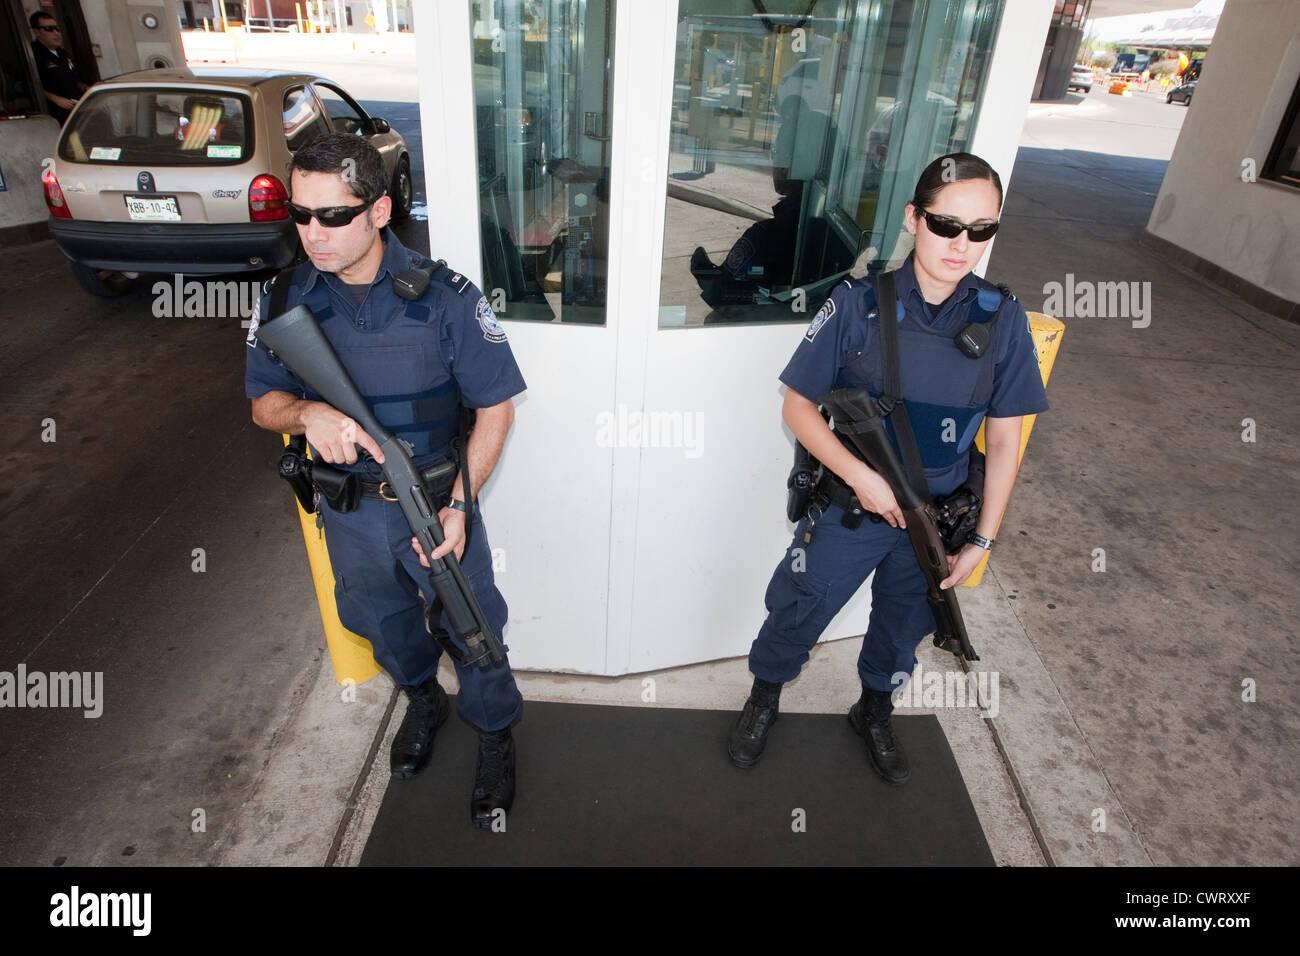 Maschio e femmina, ufficiali di guardia con pistole a Laredo, Texas ponte internazionale. Immagini Stock